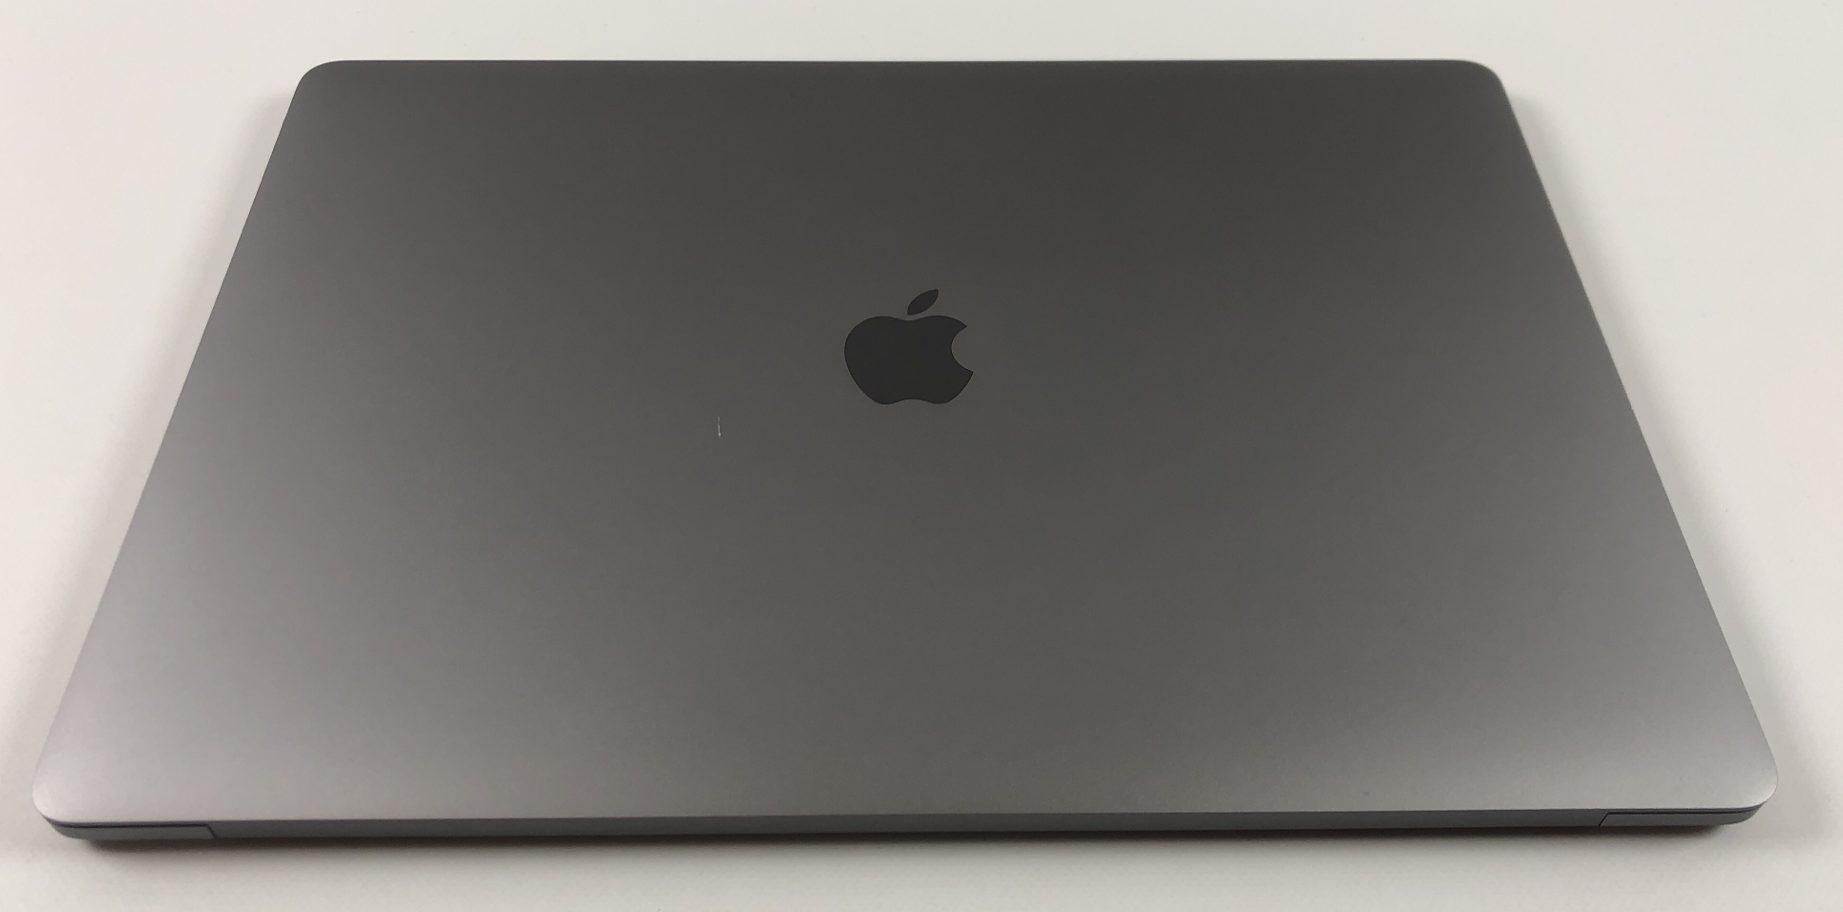 """MacBook Pro 15"""" Touch Bar Late 2016 (Intel Quad-Core i7 2.7 GHz 16 GB RAM 512 GB SSD), Space Gray, Intel Quad-Core i7 2.7 GHz, 16 GB RAM, 512 GB SSD, bild 2"""